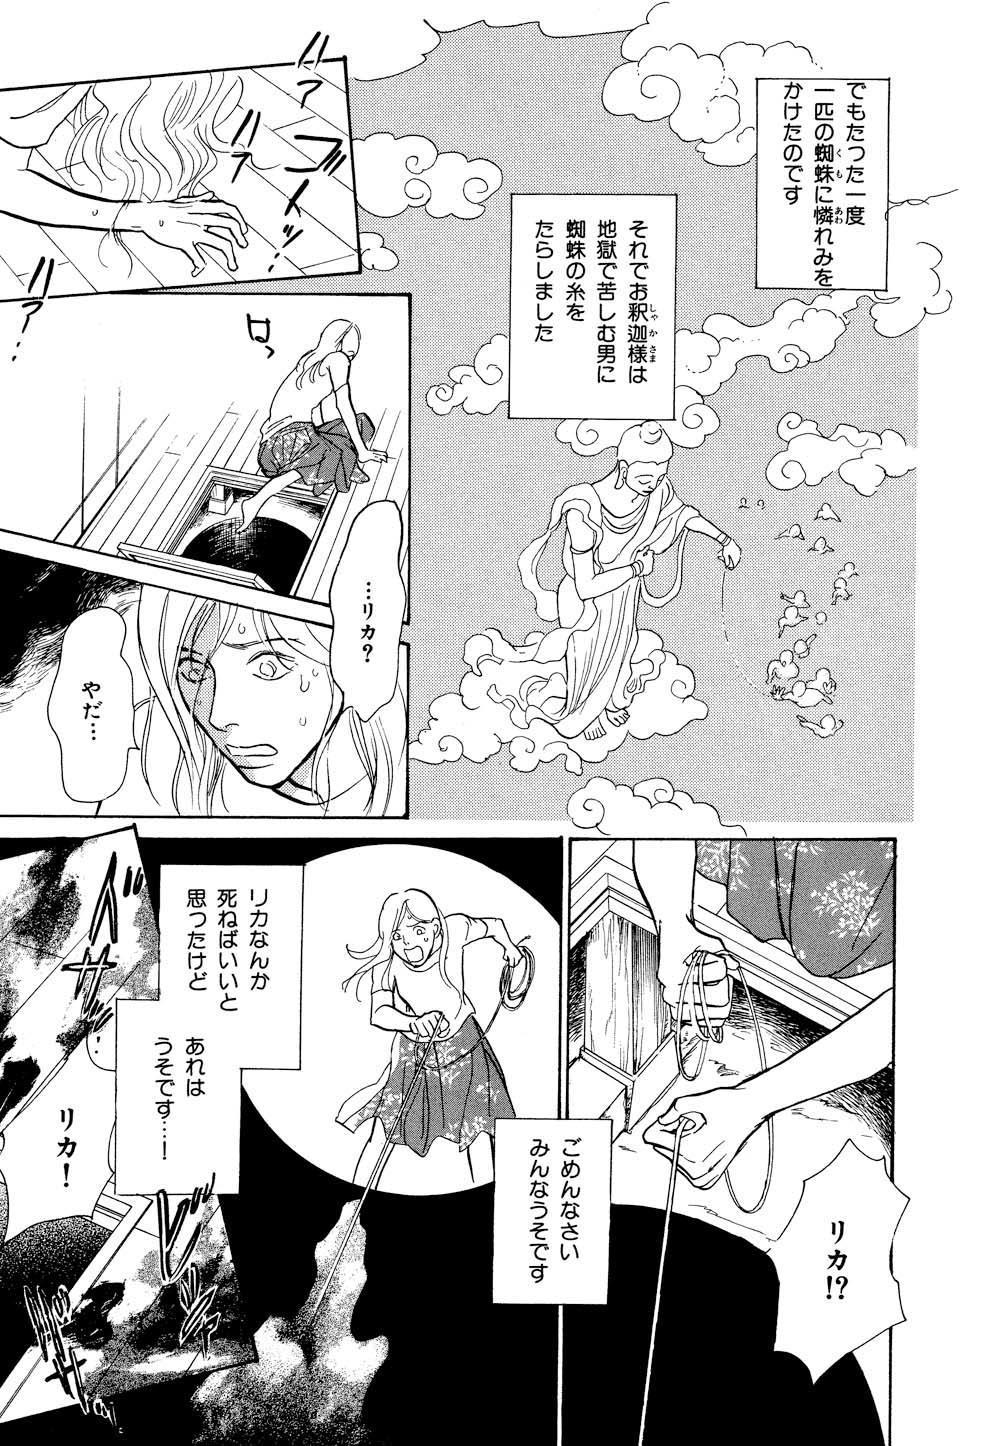 百鬼夜行抄_12_0173.jpg